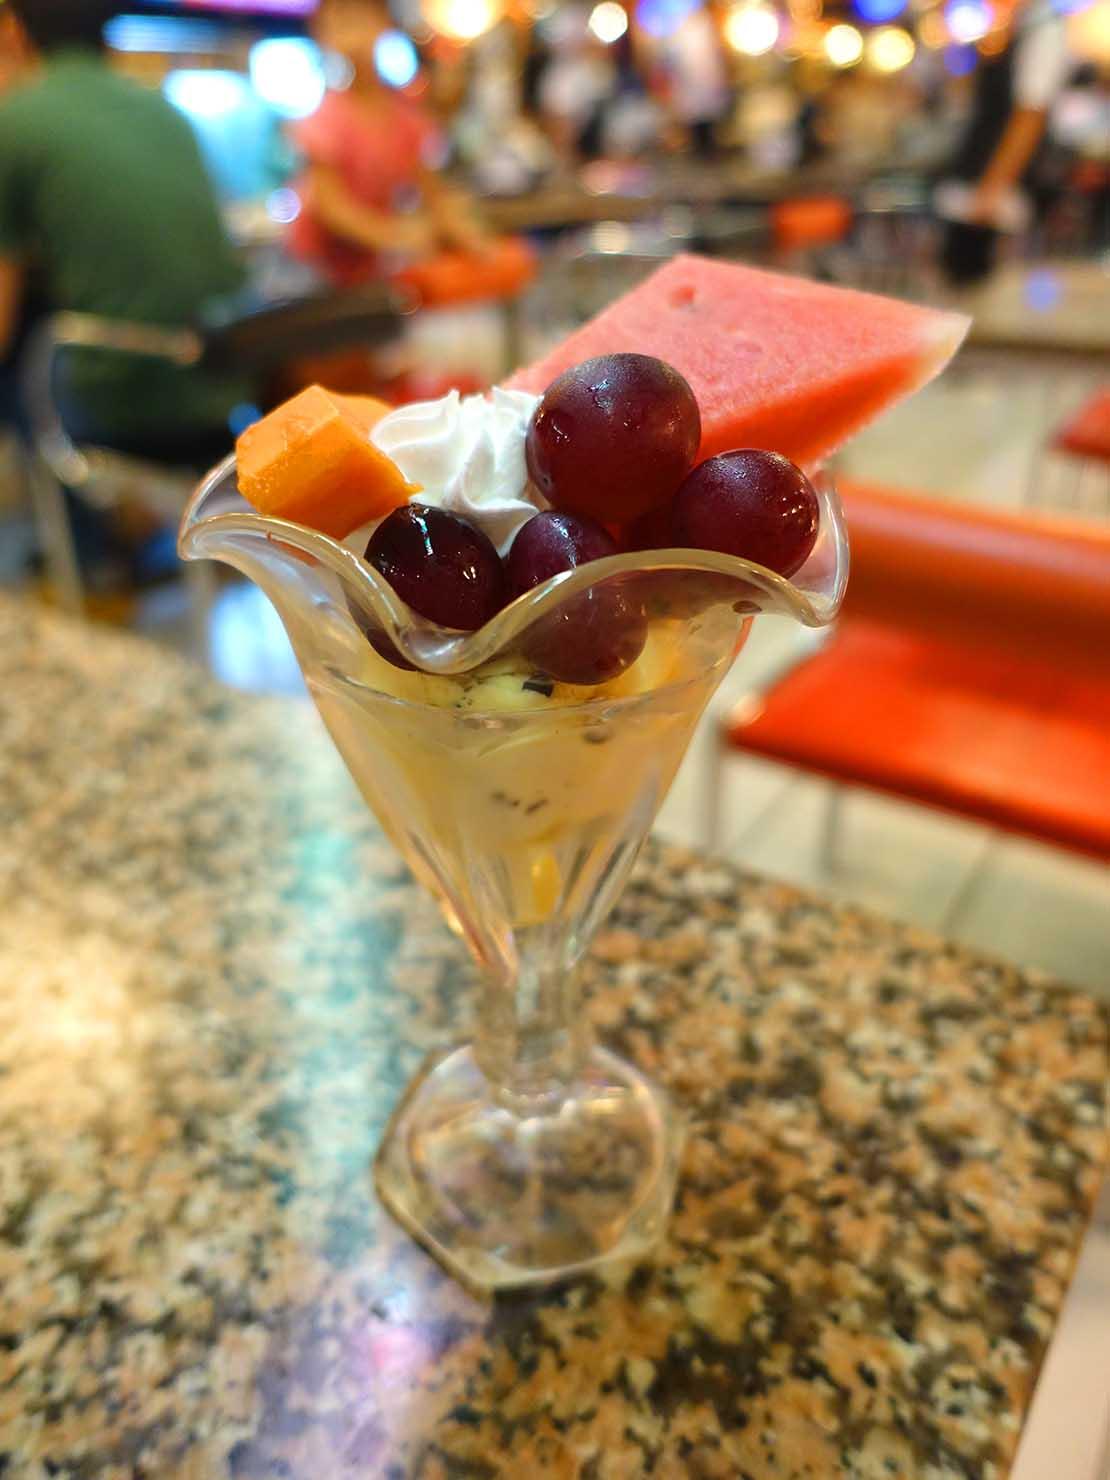 台北・西門町にある排骨飯の老舗「東一排骨總店」の水果聖代(フルーツサンデー)